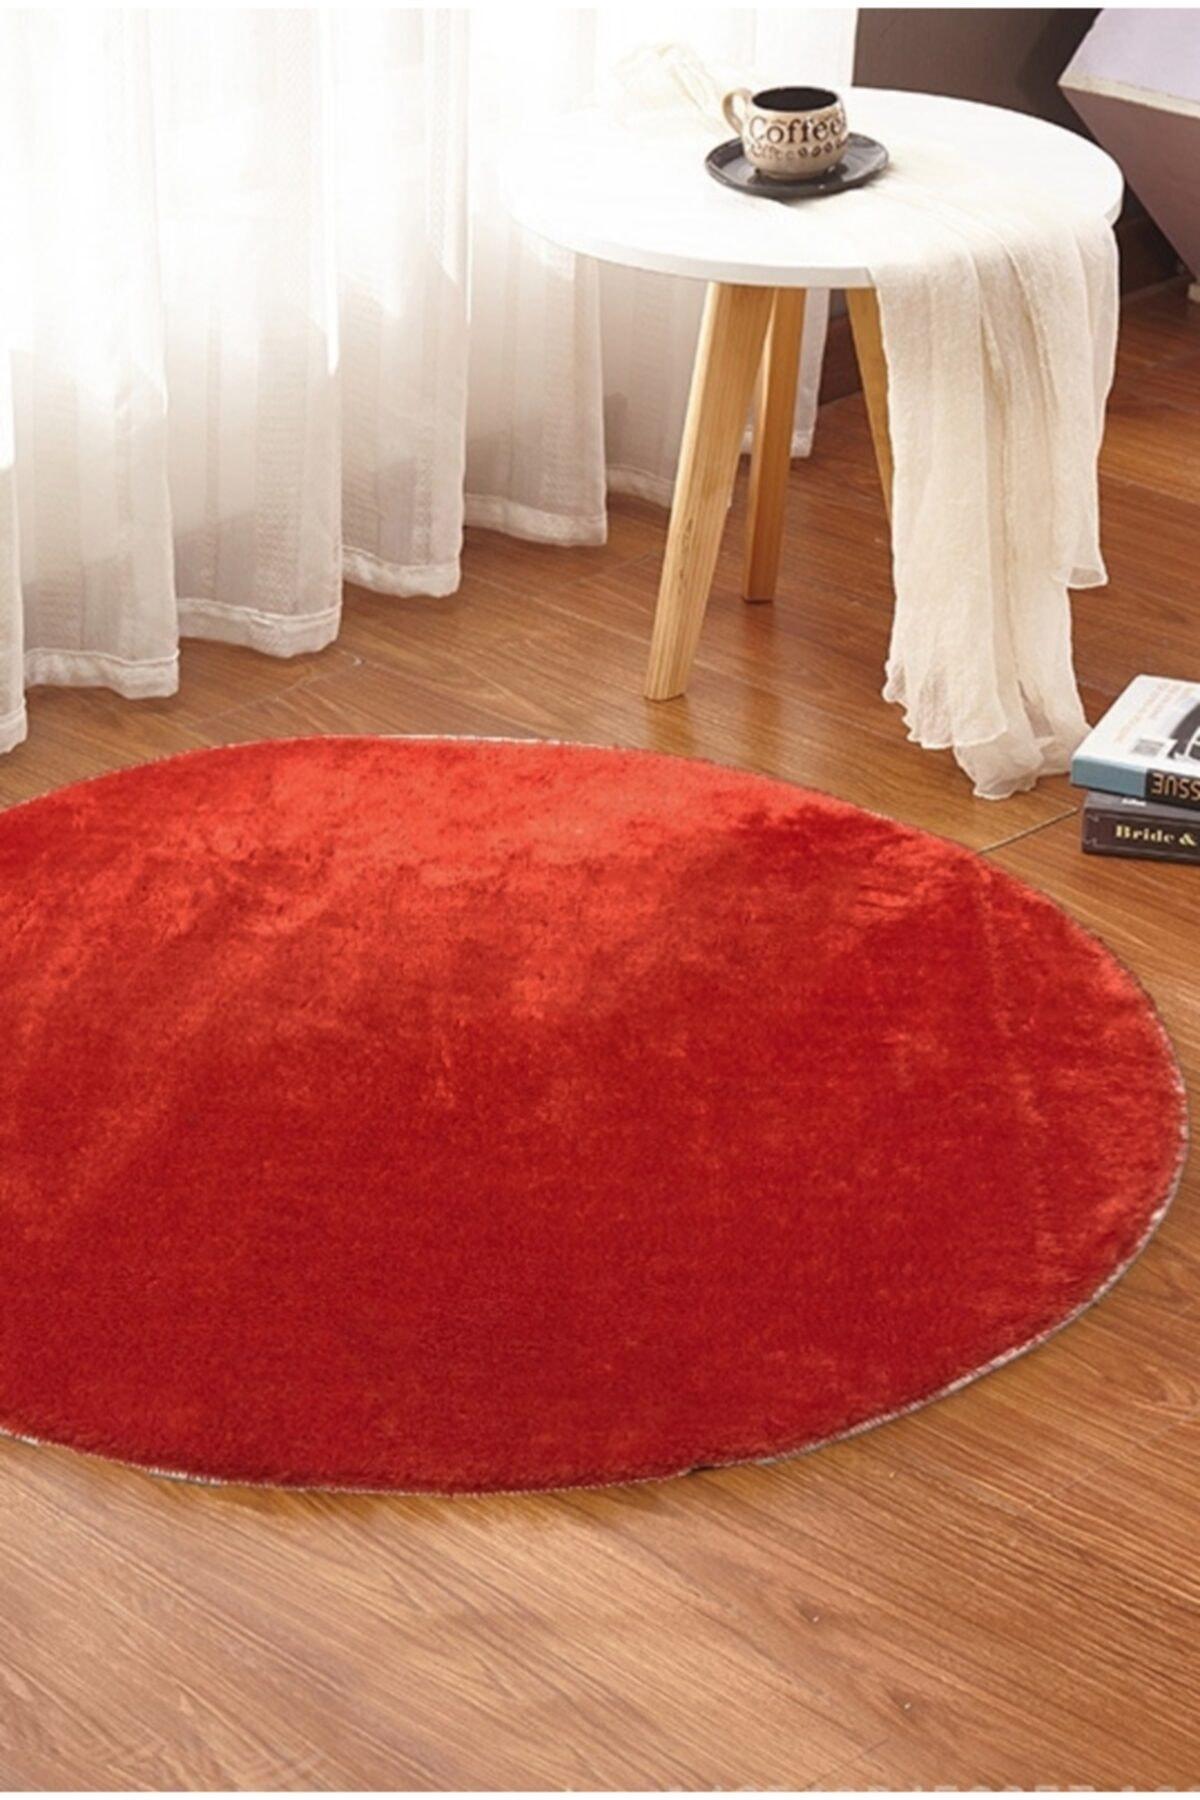 - Yuvarlak Düz Renk Peluş Pofuduk Kaydırmaz Jel Taban Kırmızı Renk Halı